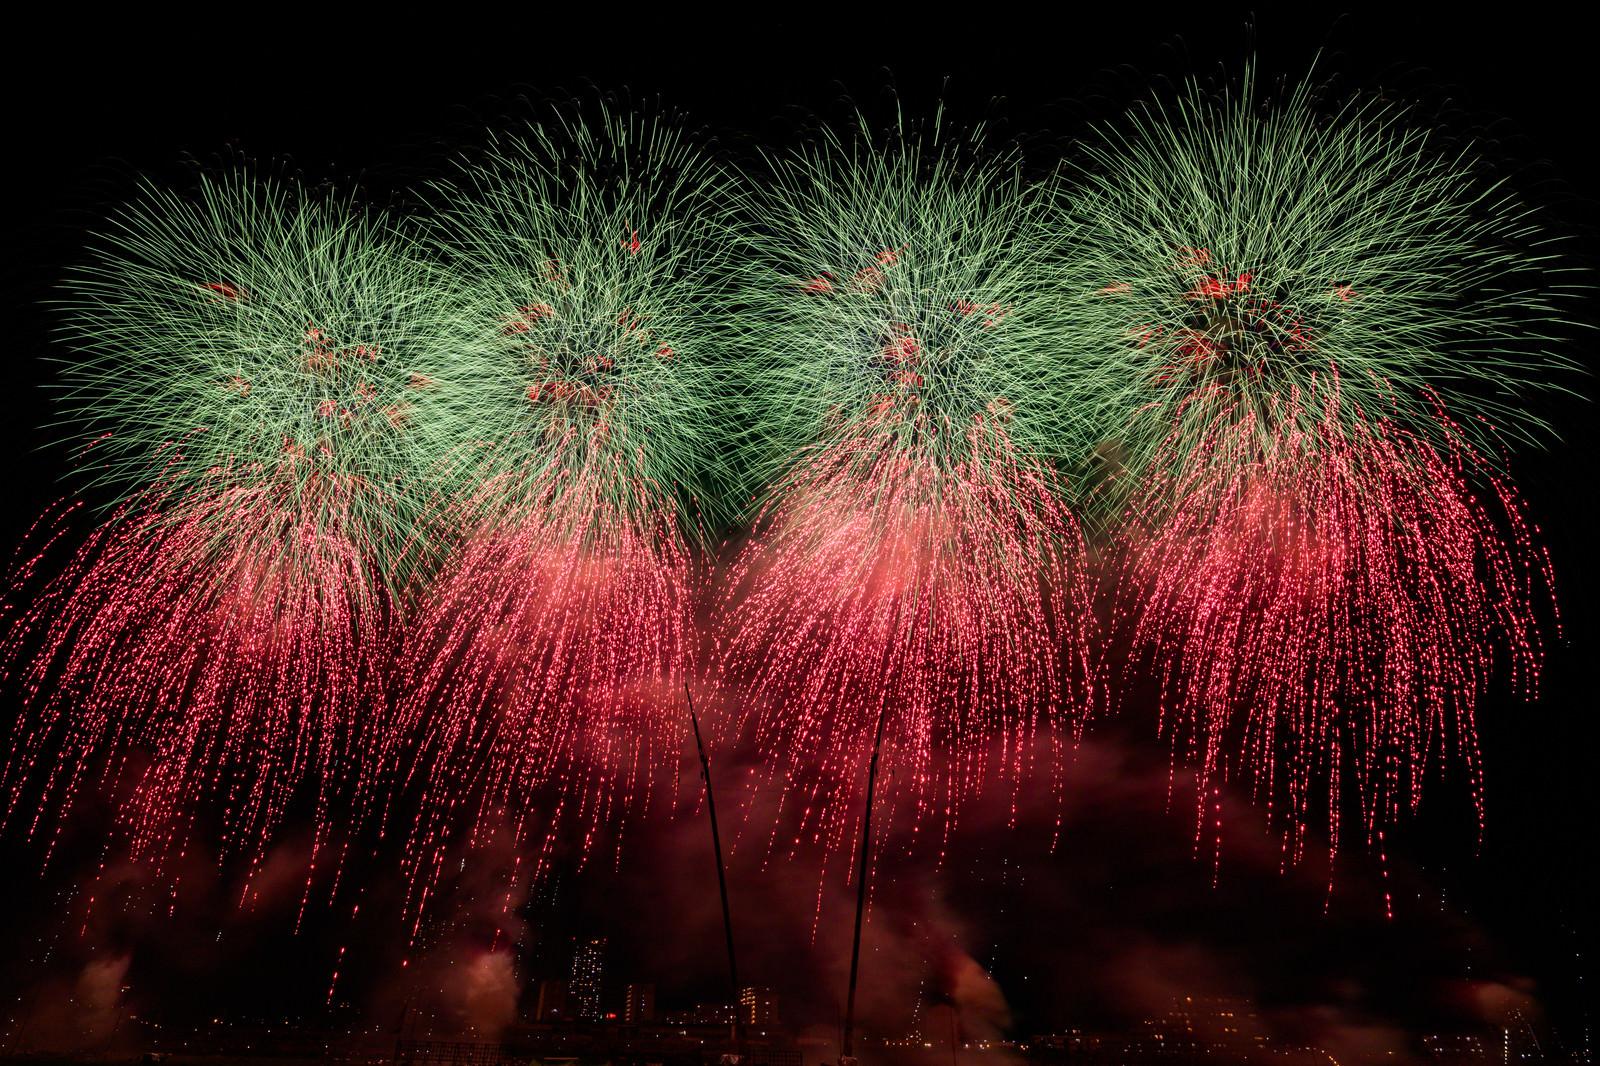 「画面に収まりきらない迫力のある打上花火(江戸川区花火大会を招待席で撮影)」の写真